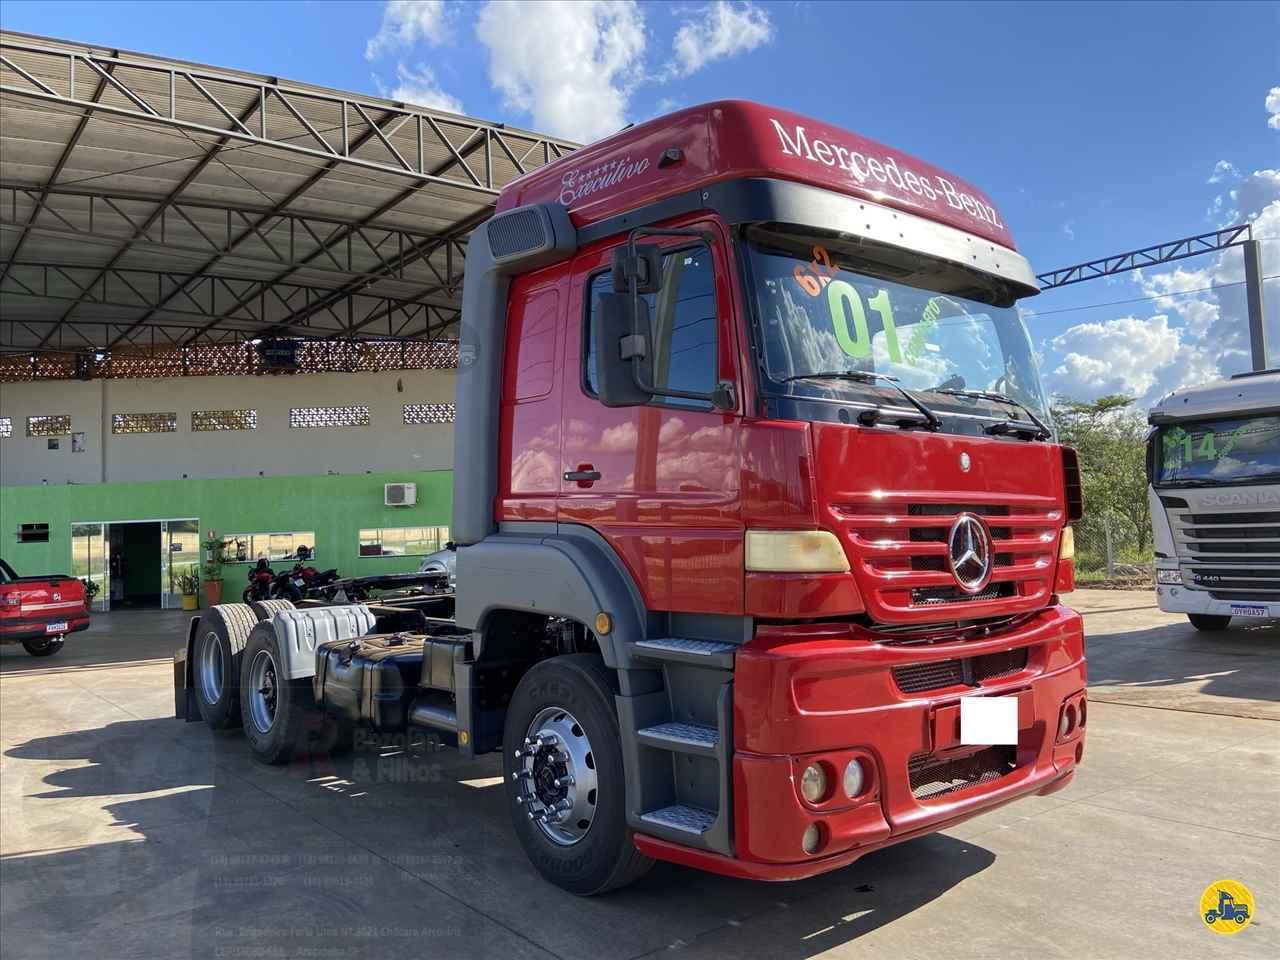 CAMINHAO MERCEDES-BENZ MB 1938 Cavalo Mecânico Truck 6x2 Jr Bozolan & Filhos ARACATUBA SÃO PAULO SP